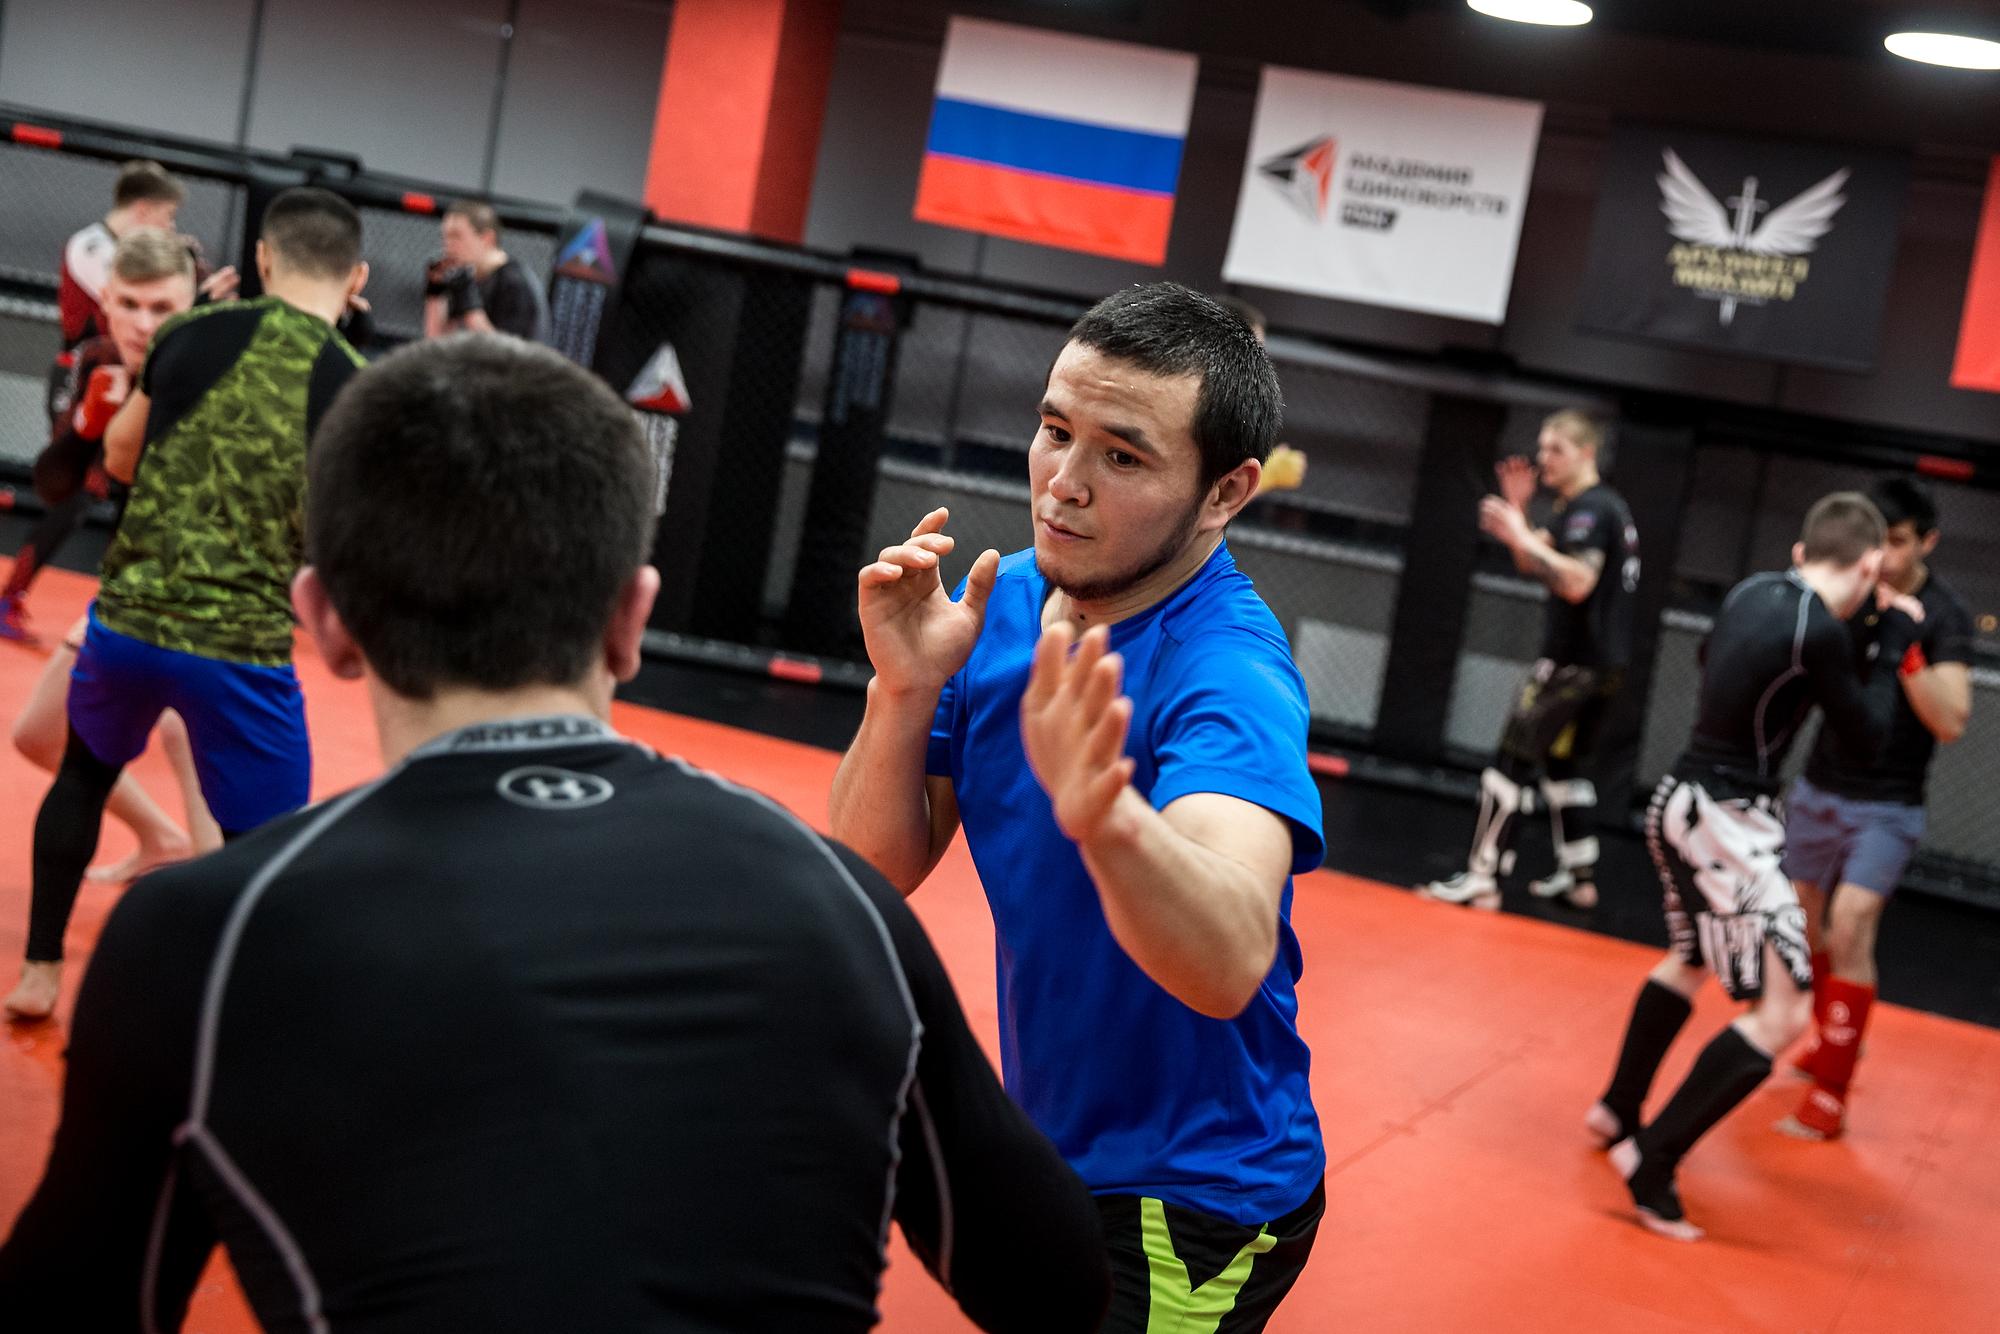 Из 200 спортсменов, которые примут участие в соревнованиях, в сборную Свердловской области попадут только 62